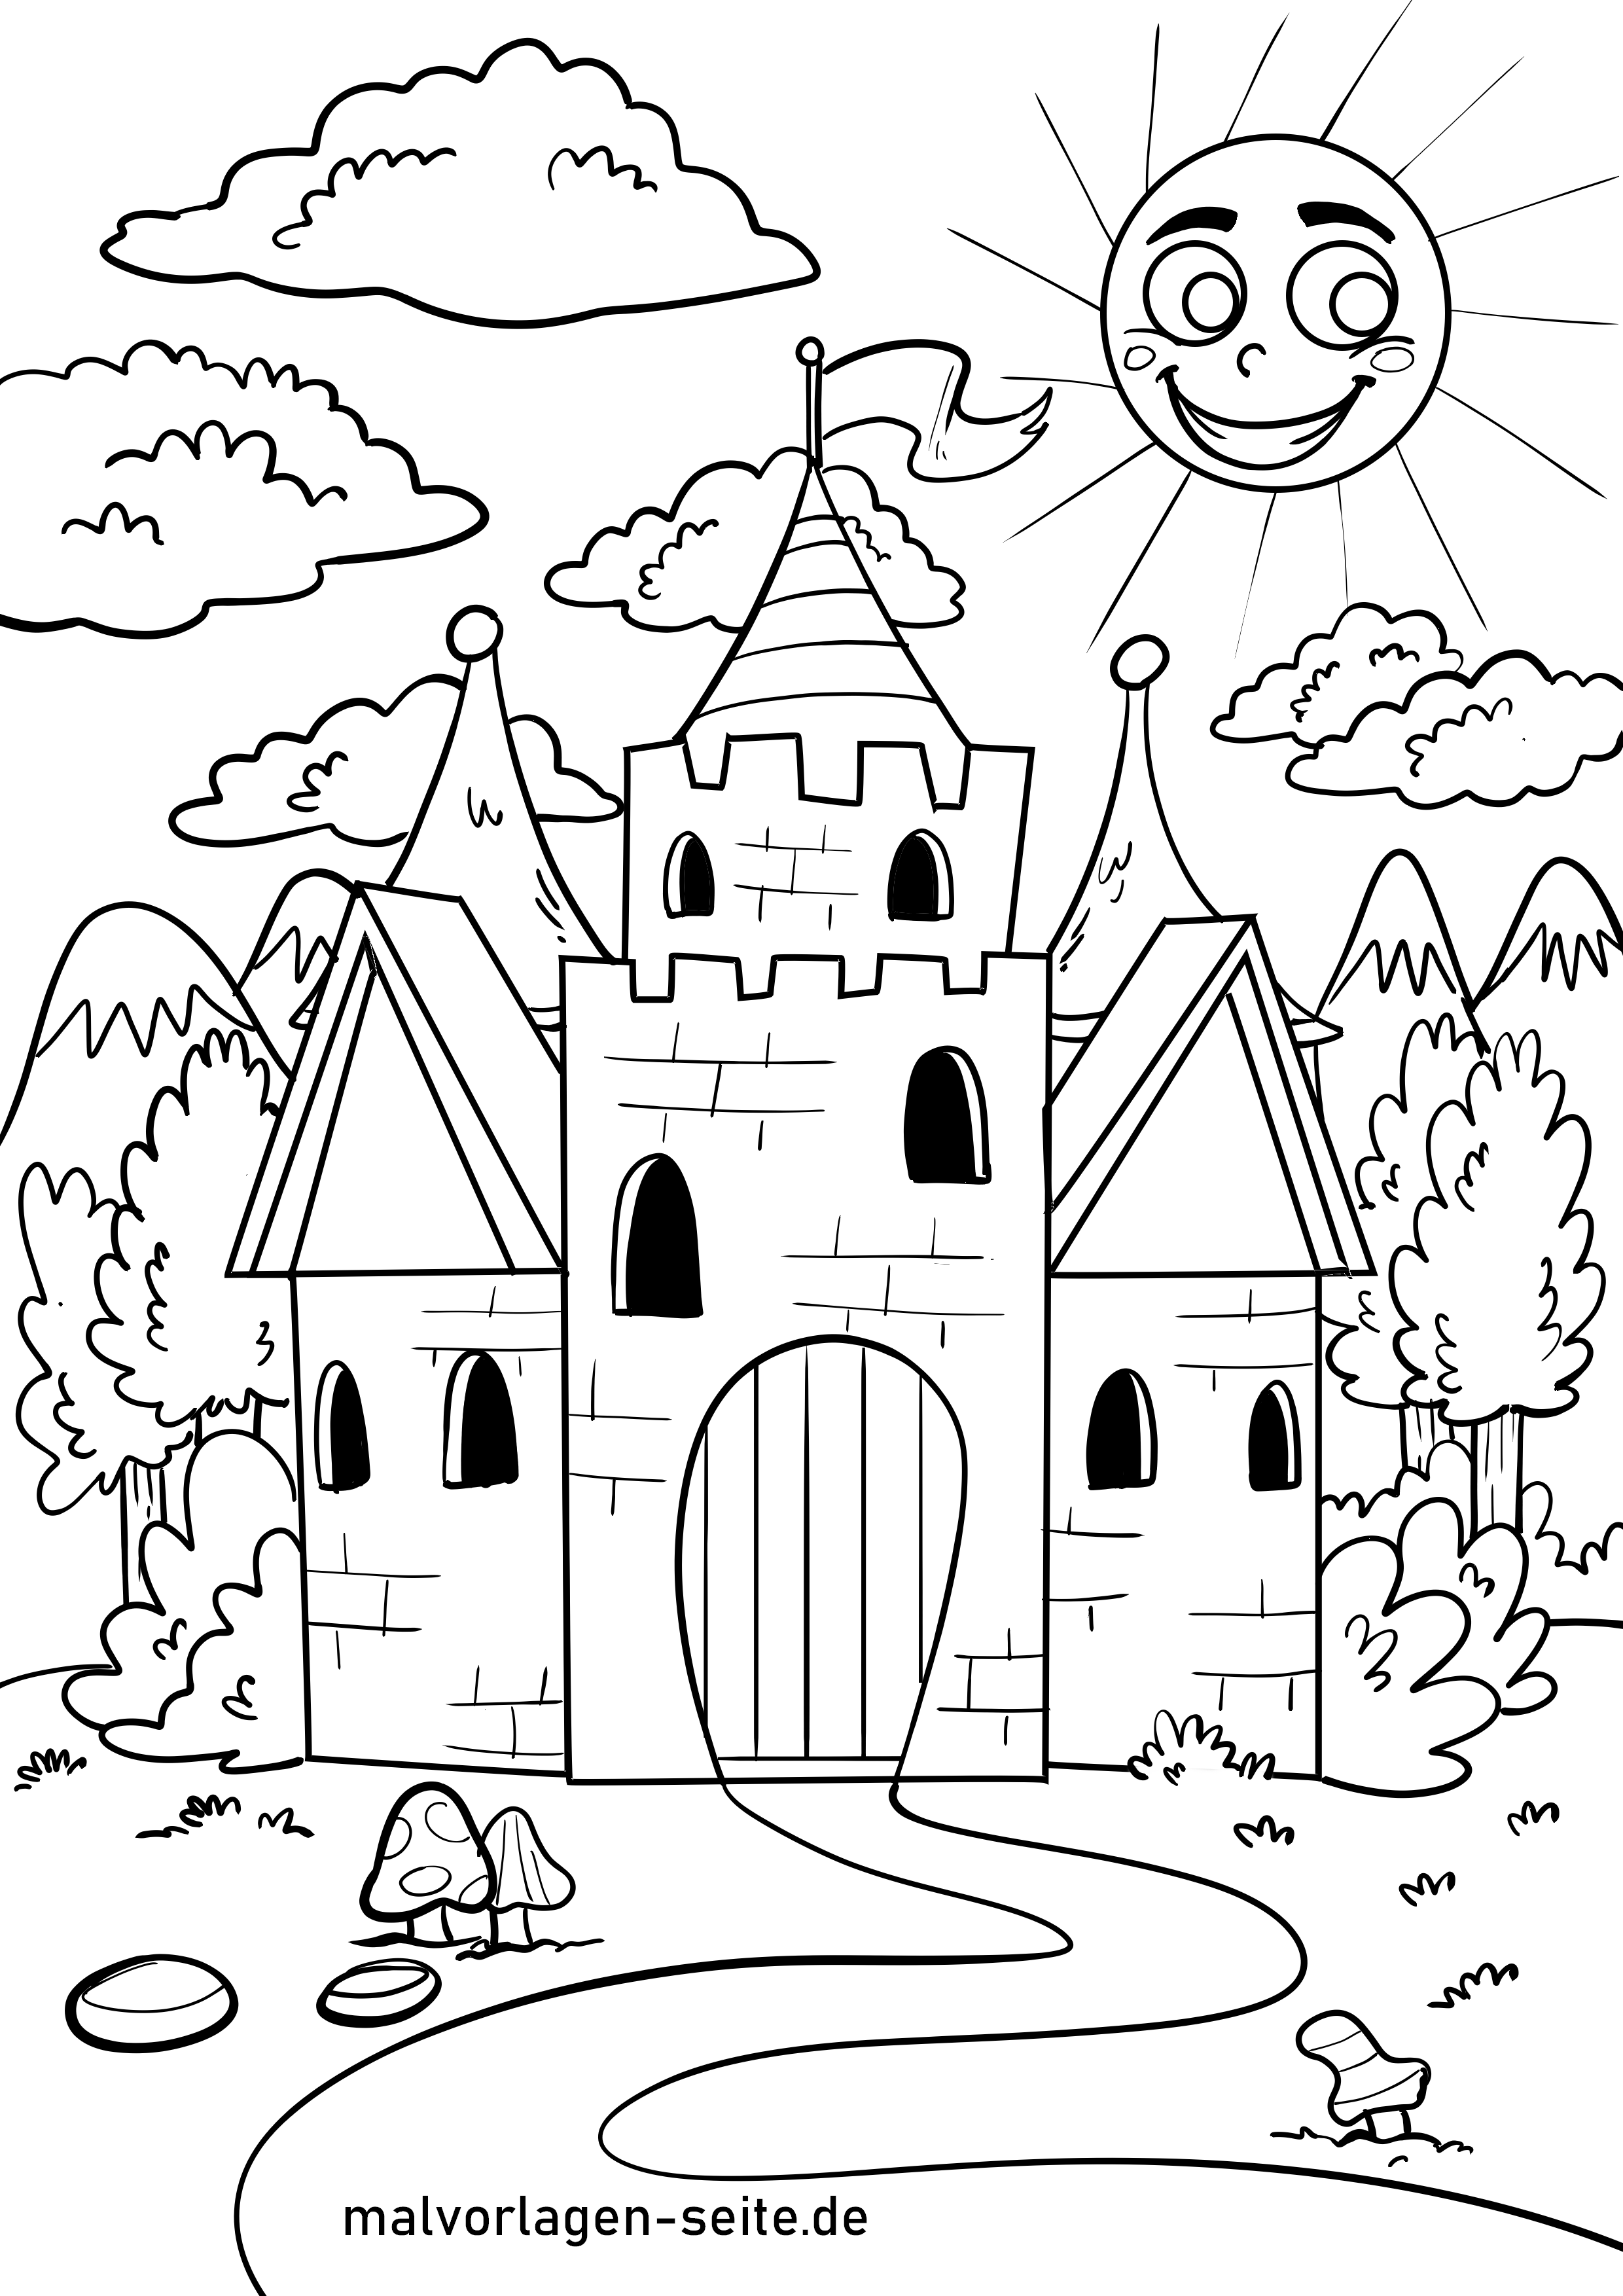 Ausmalbild Burg - Kostenlose Ausmalbilder